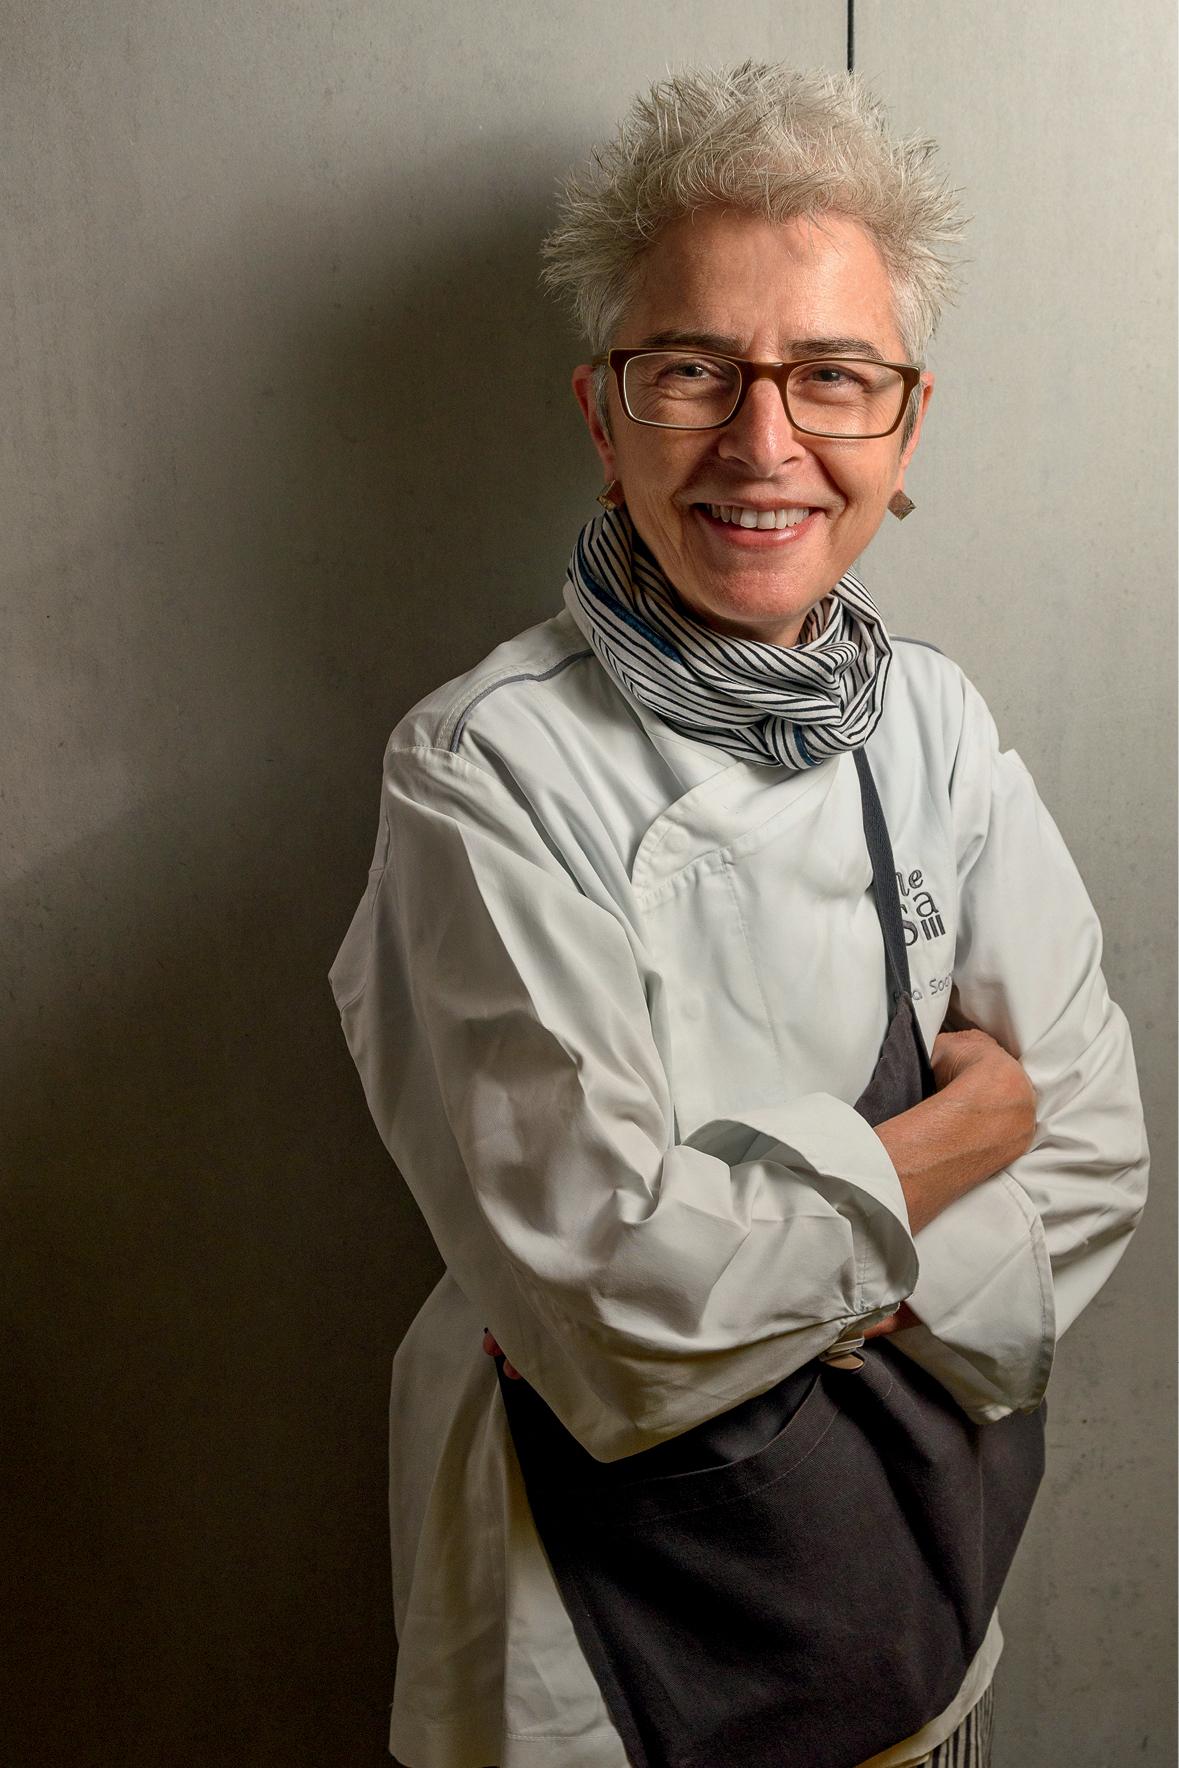 Ana é uma mulher branca com cabelos grisalhos bem curtinhos. Ela usa óculos e seu uniforme de chef de cozinha. Está com os braços cruzados e olha sorrindo para a foto